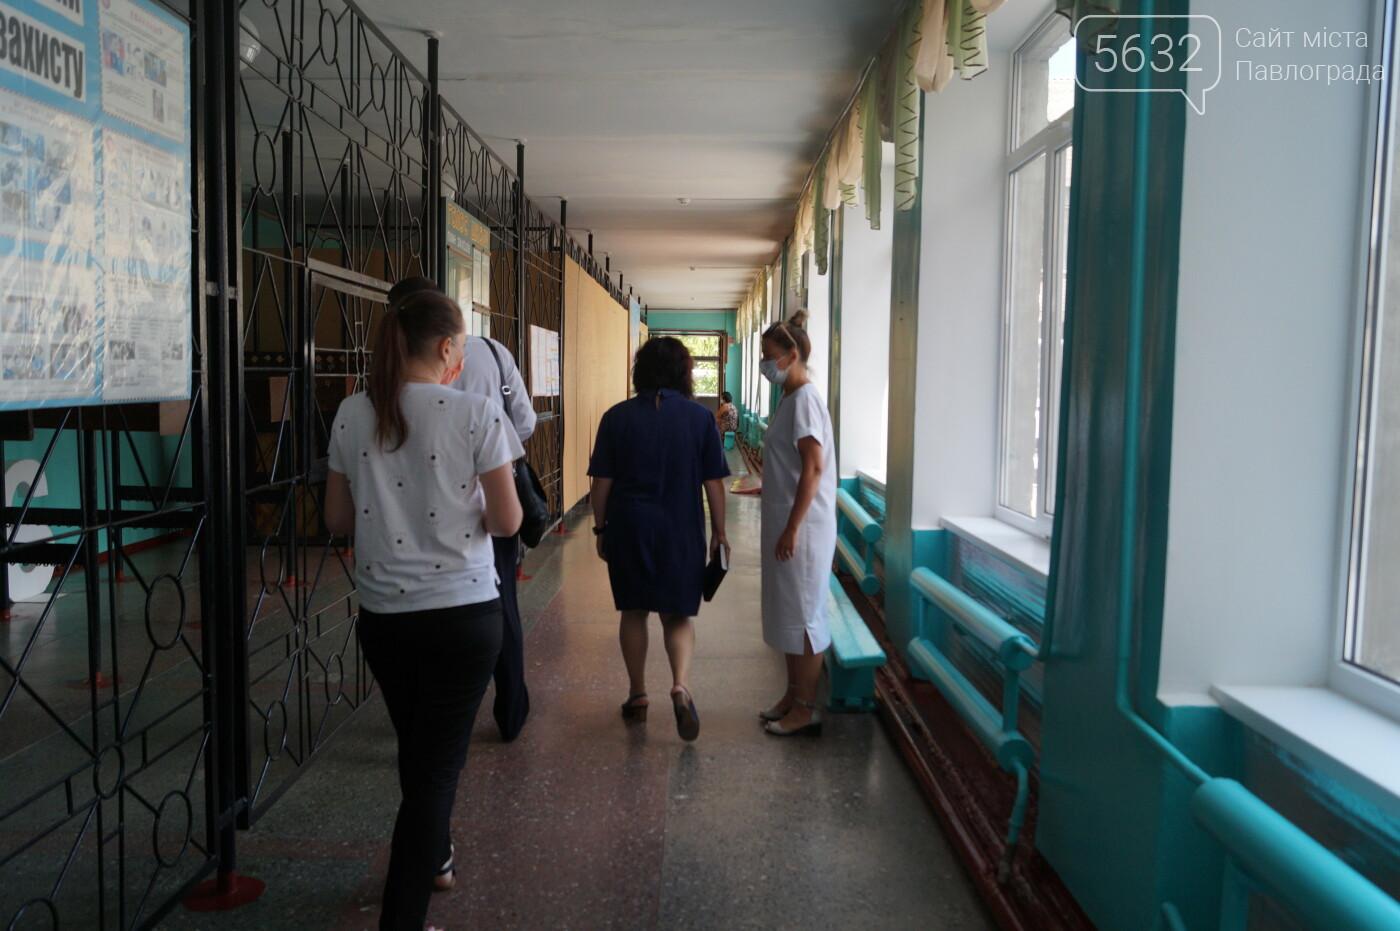 Санитайзеры и медицинские маски: как школы Павлограда готовятся к новому учебному году (ФОТО), фото-13